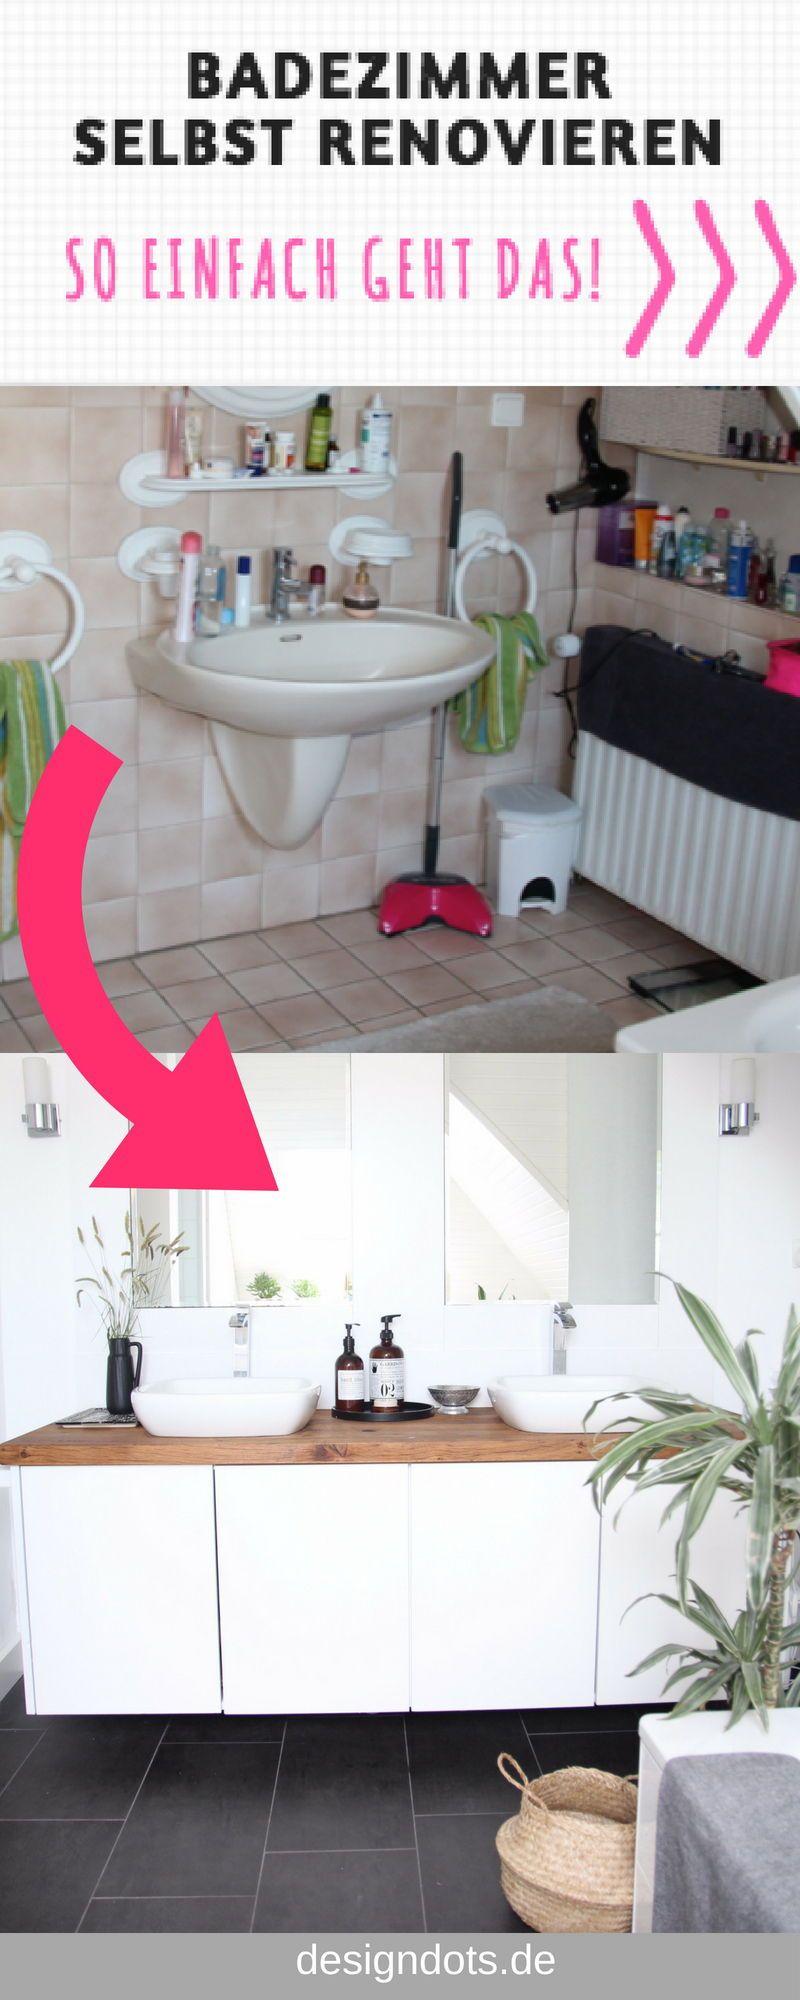 Badezimmer ideen fliesen dusche badezimmer selbst renovieren vorhernachher  bathroom bazaar